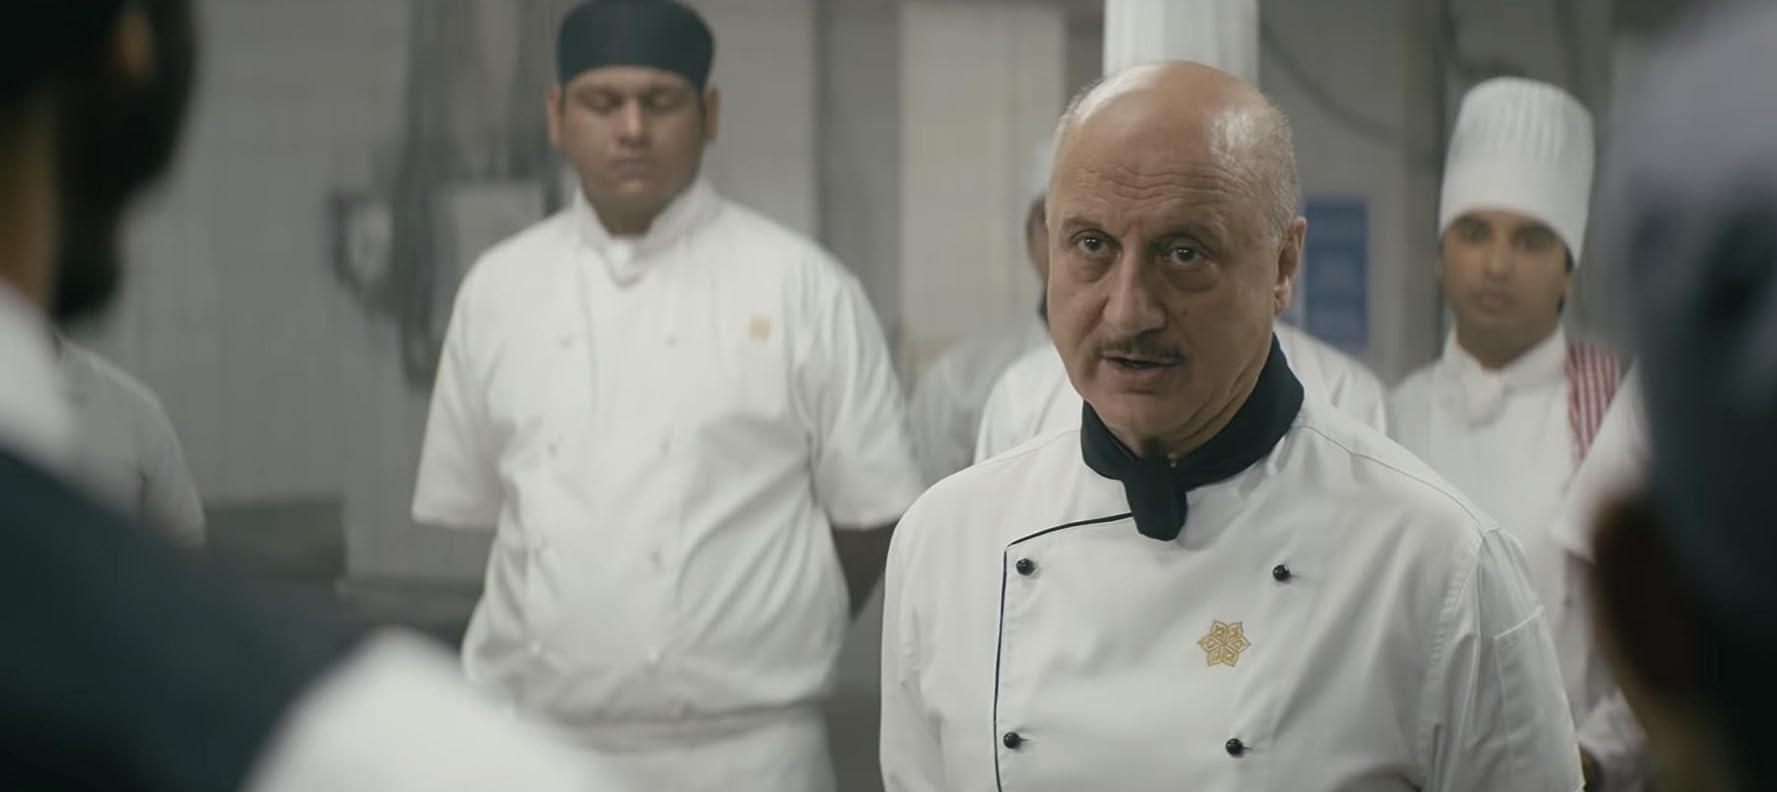 Anupam Kher in Hotel Mumbai (2018)